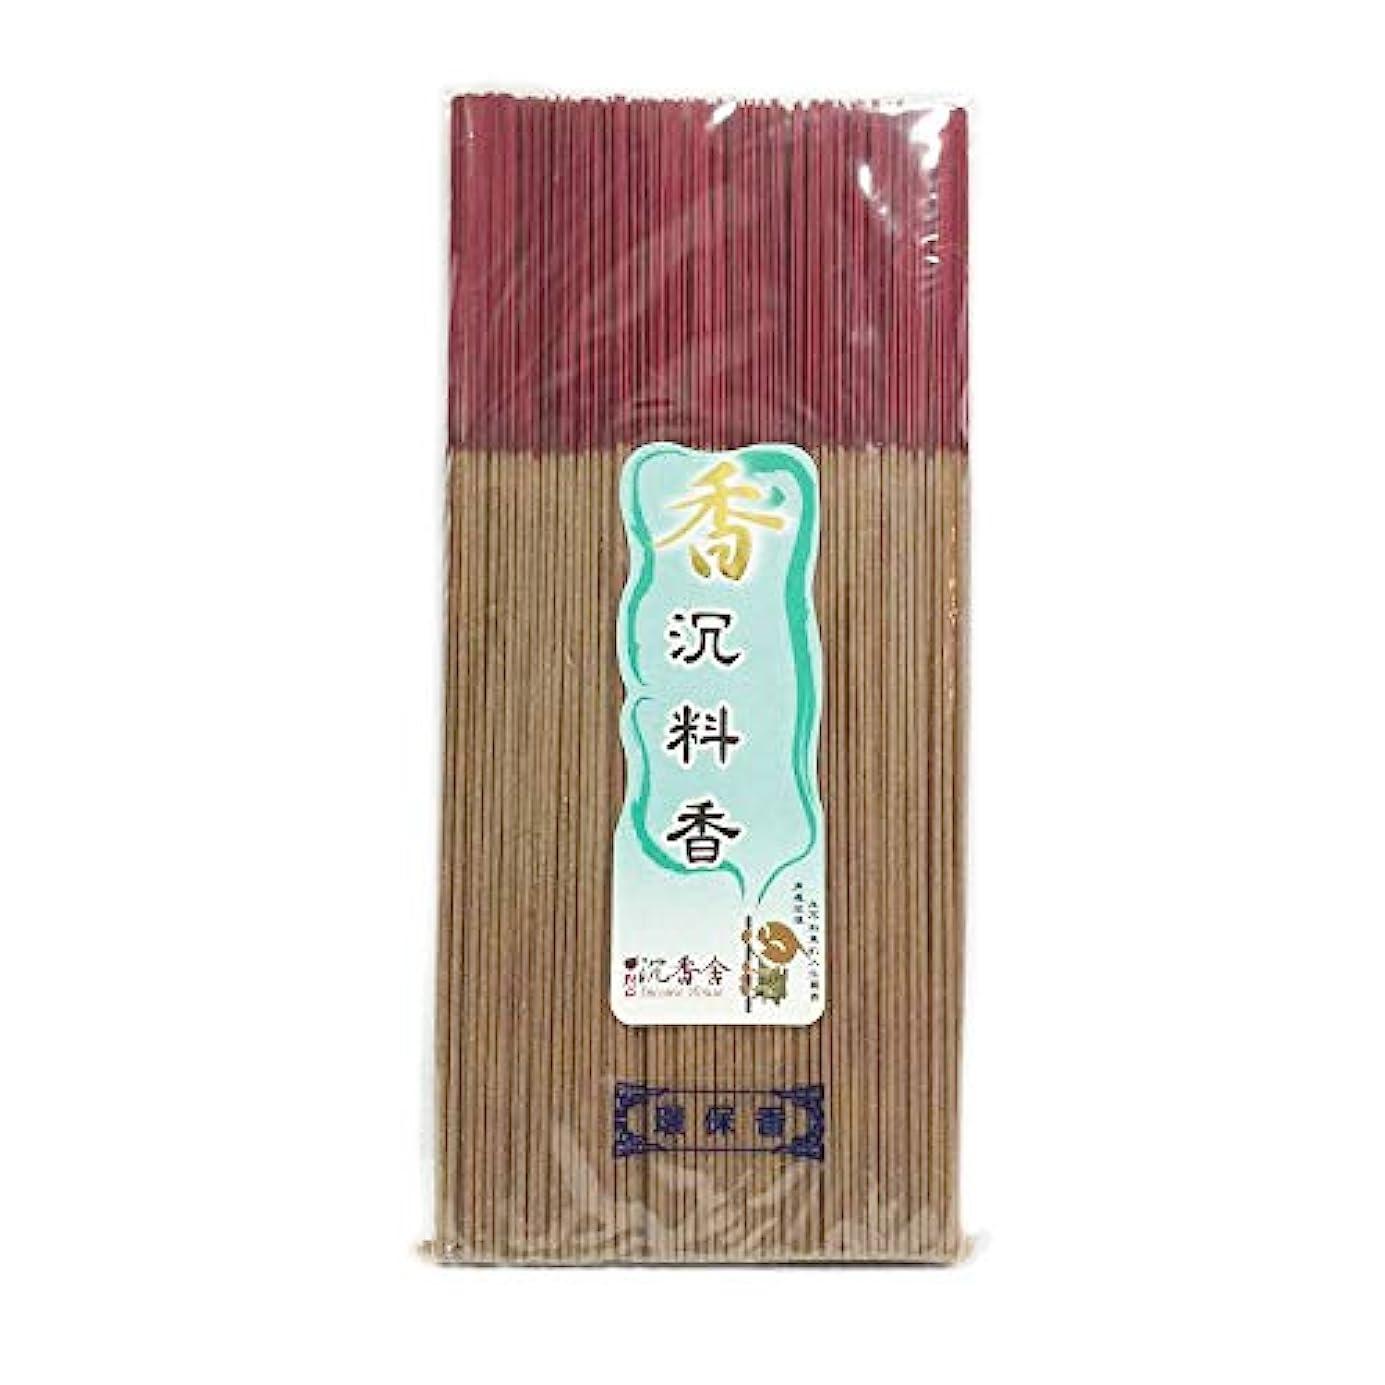 免疫危険なカテゴリー伝統的 中国風 薬味 ジョス お香スティック 300g 台湾 お香 家 宗教的 仏陀用 約400本 30cm